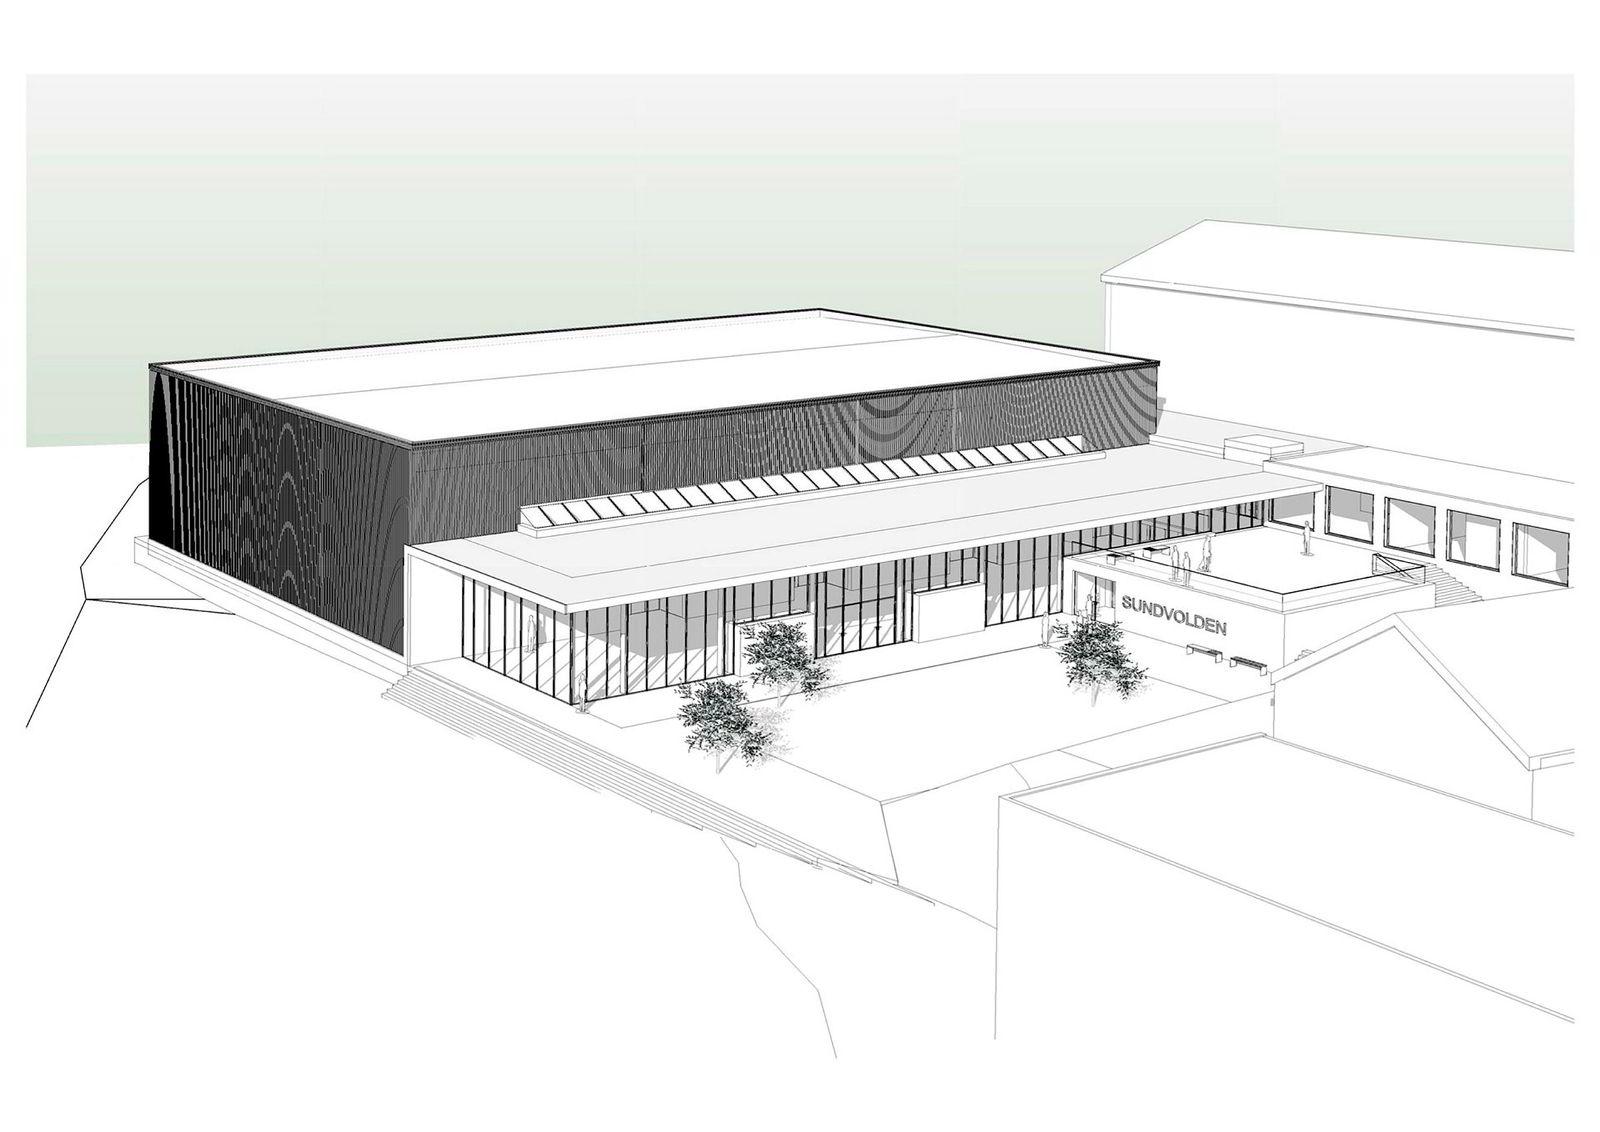 Den nye kongresshallen på tunet ved Sundvolden hotell skal etter planen stå ferdig høsten 2017.